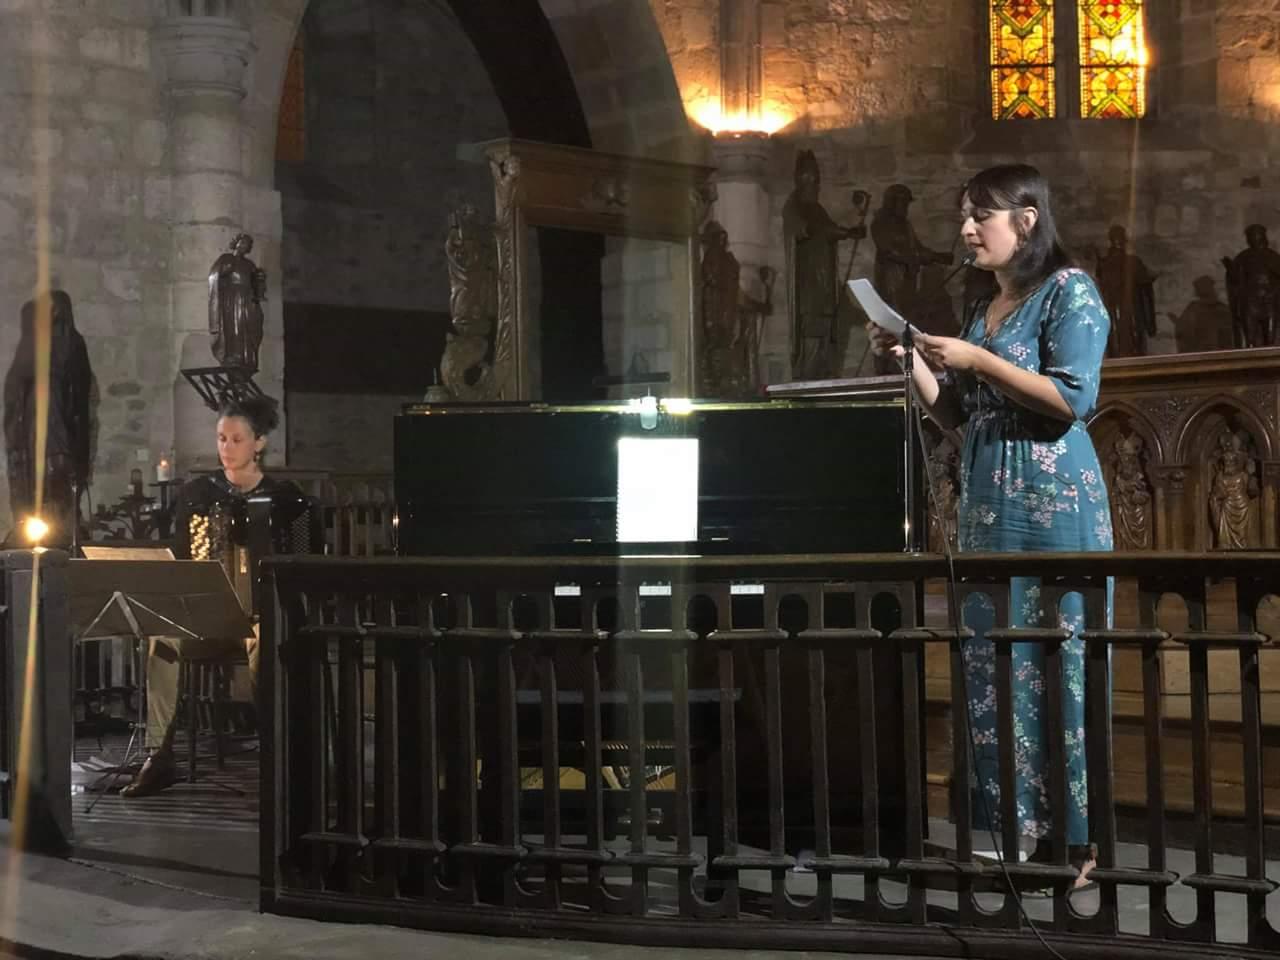 Les Musicales du pays de Maurs (15), août 2018